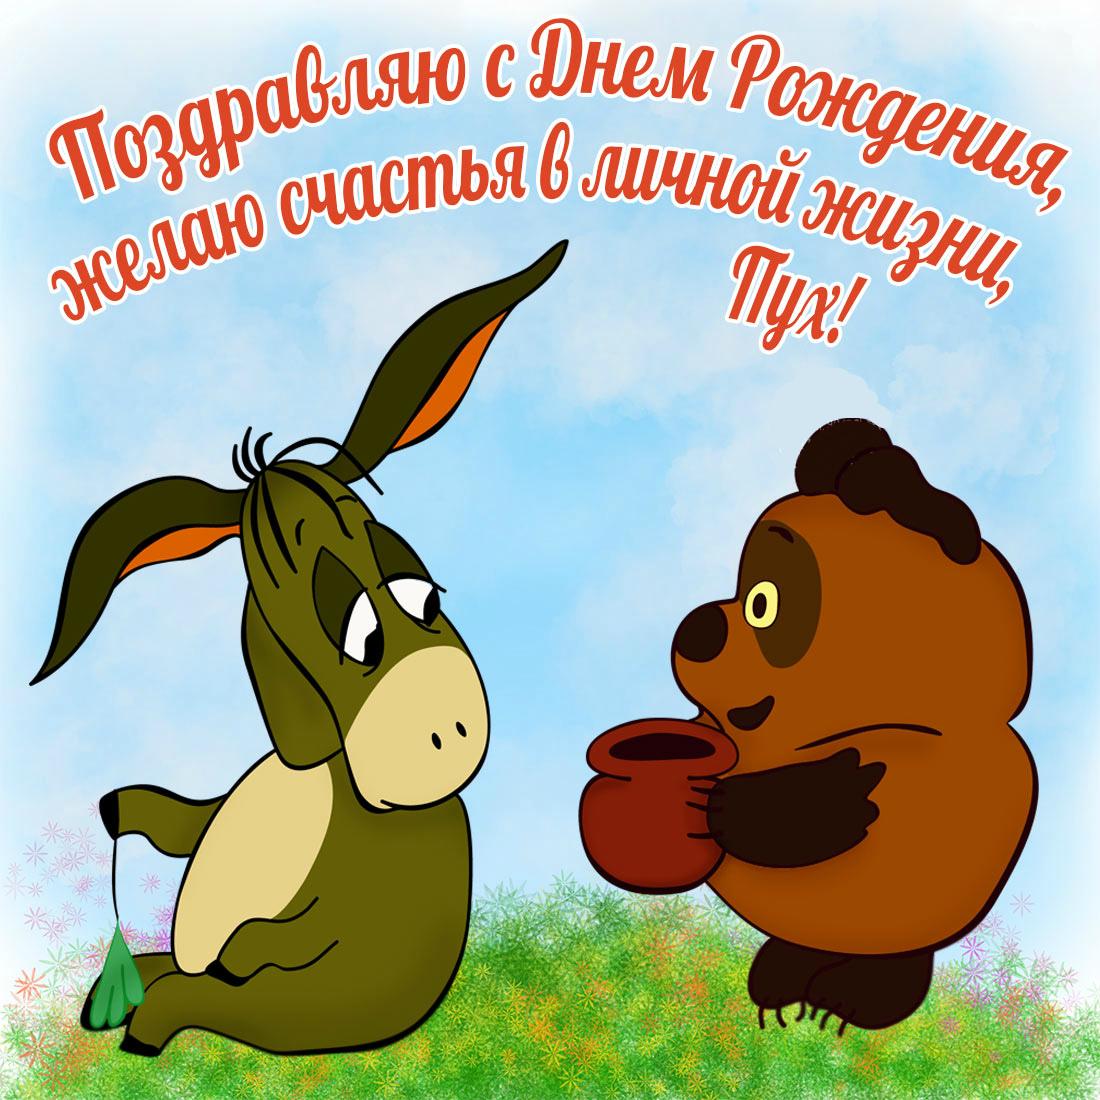 prikolnye-kartinki-s-dnyom-rozhdeniya_16